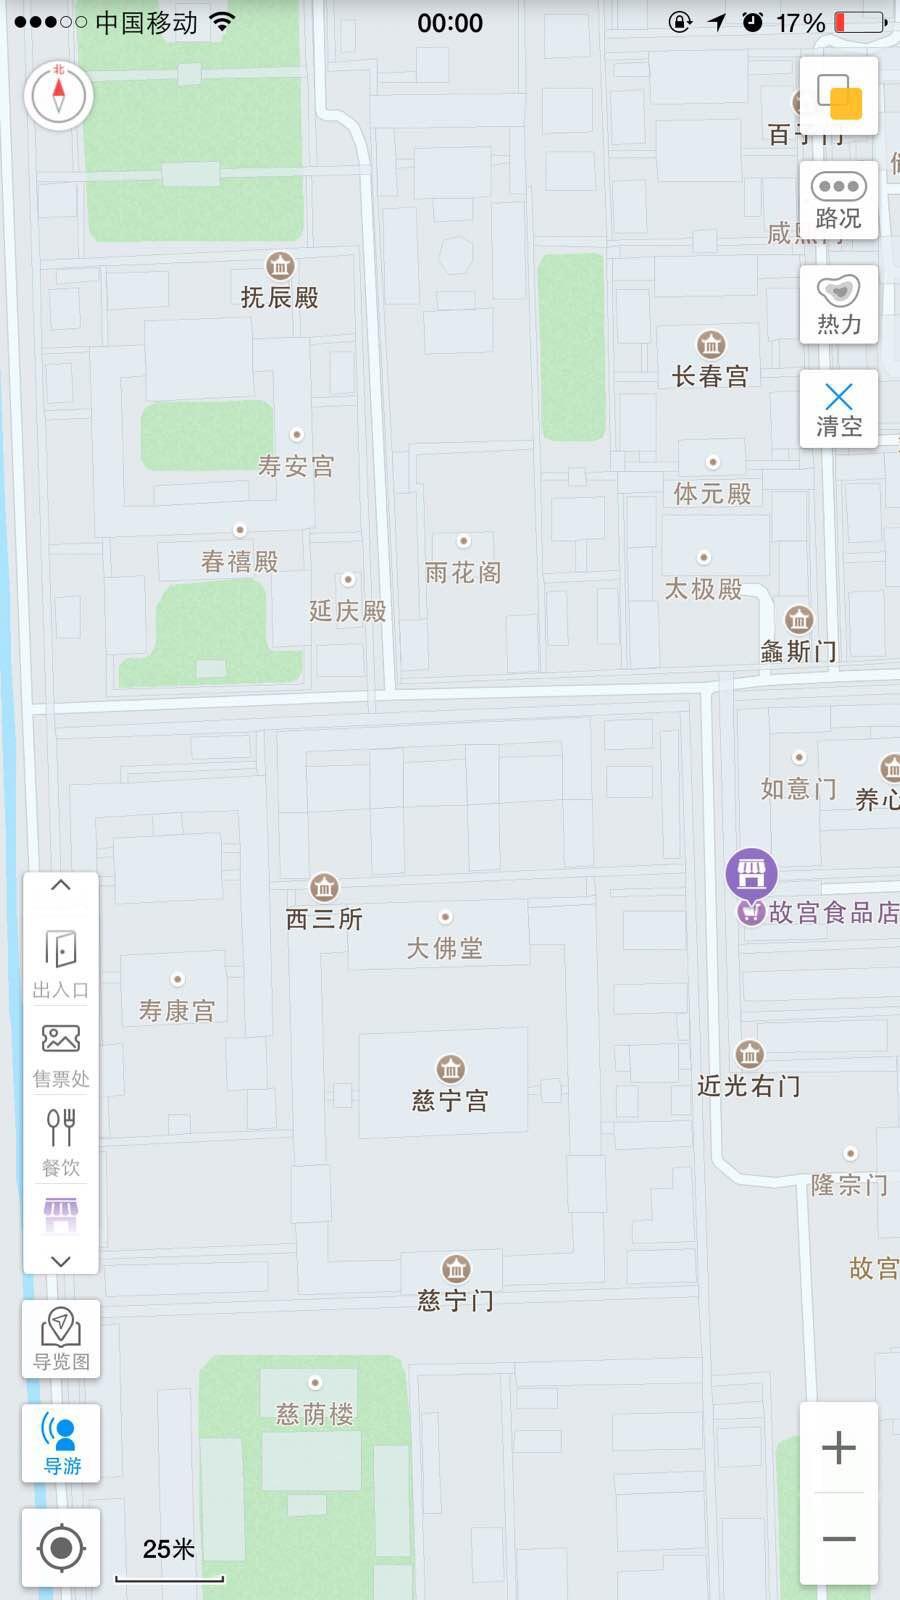 故宫地图 手绘板